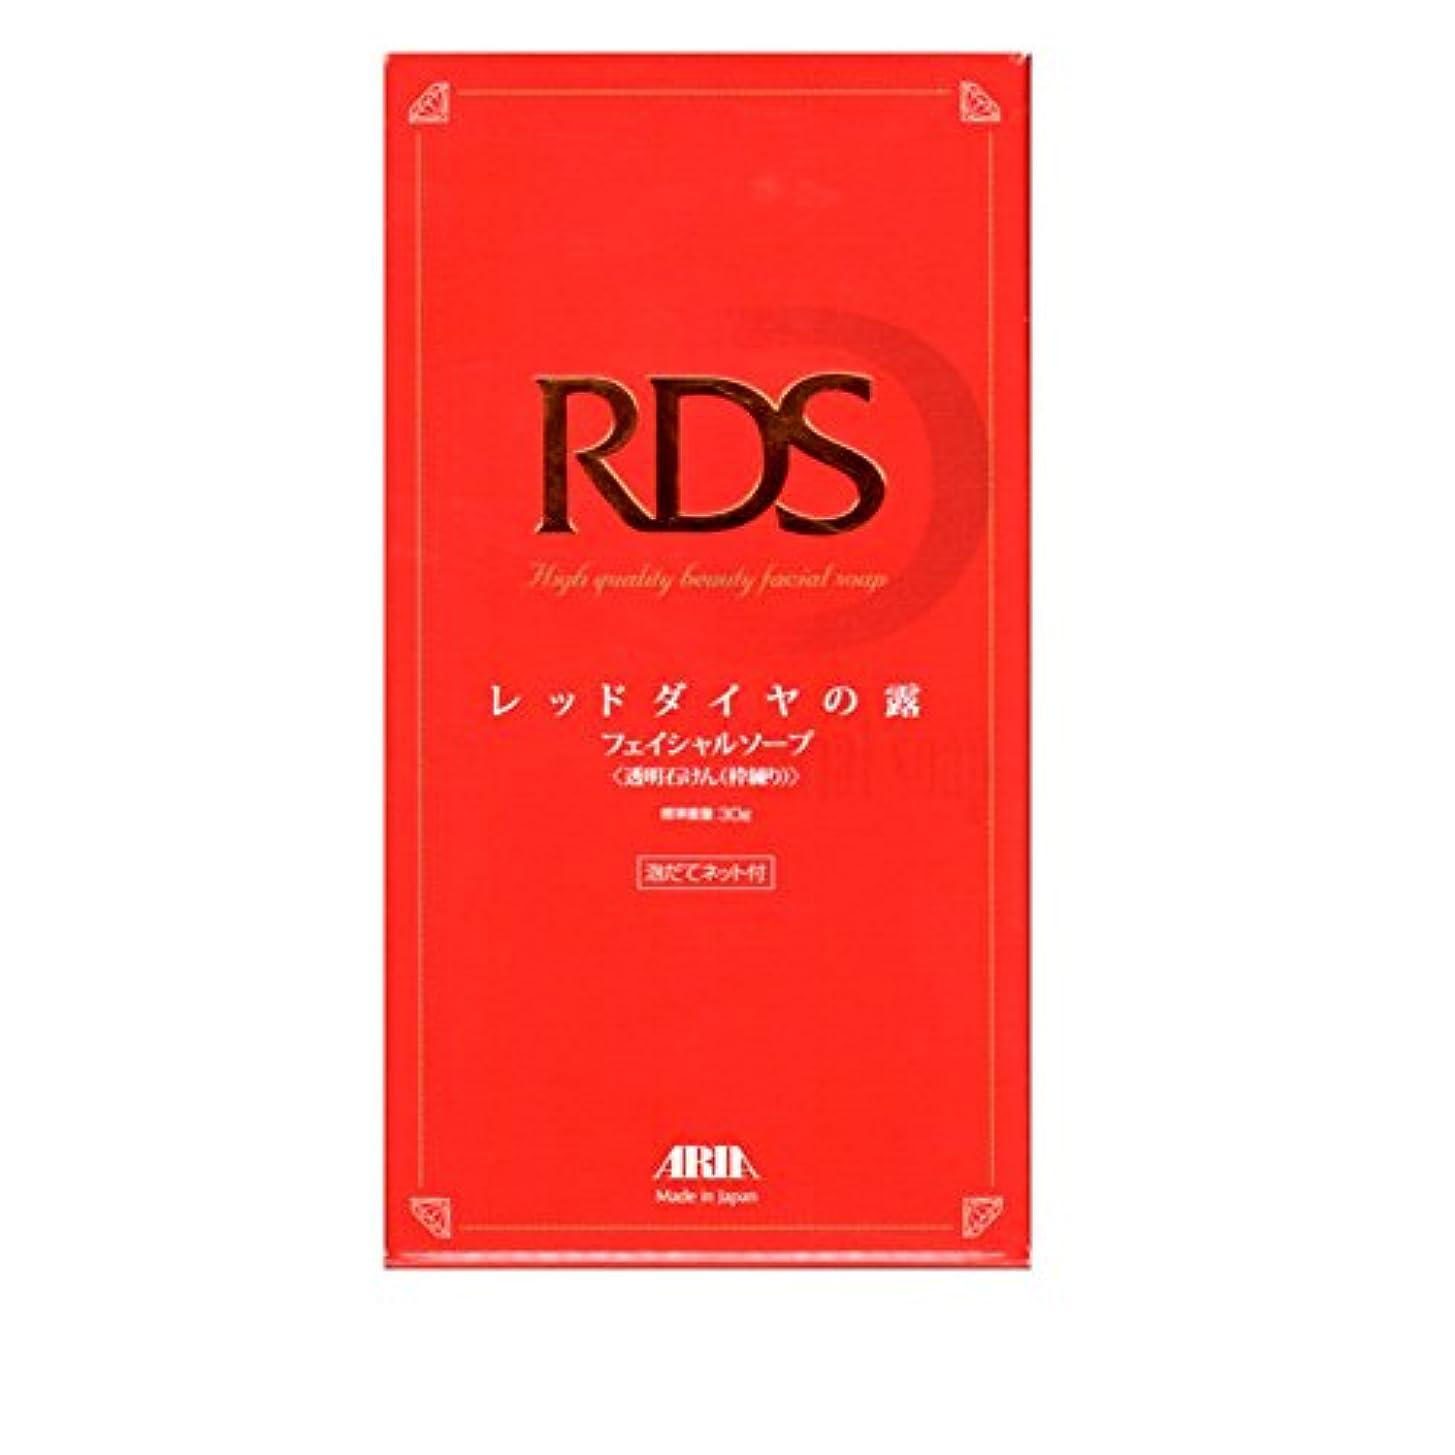 進むオーロック父方のレッドダイヤの露 フェイシャルソープ 洗顔 石鹸 日本製